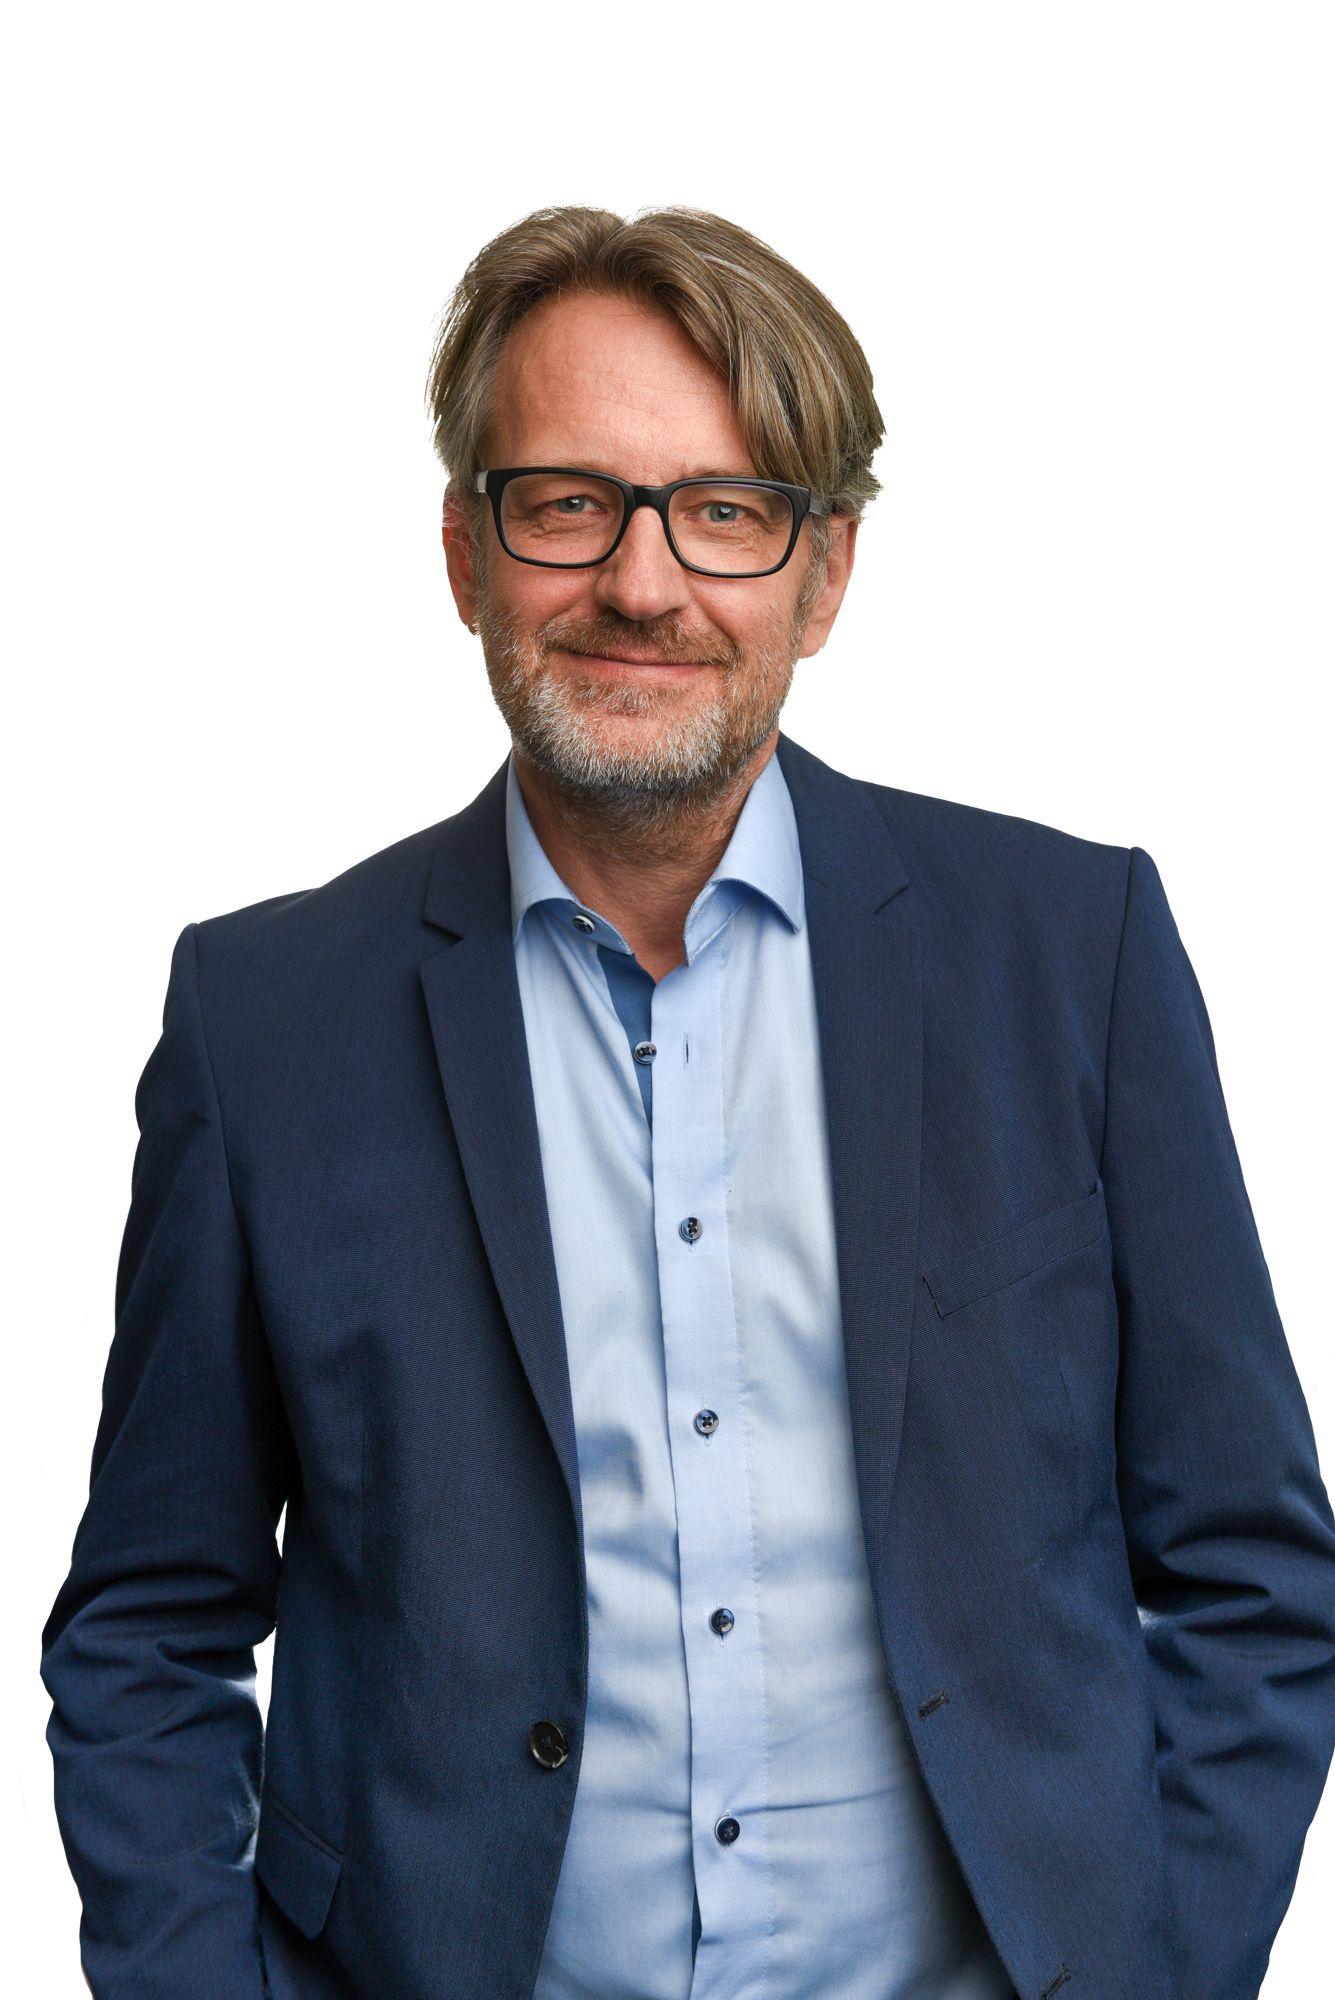 Foerdragsholder Søren Lindhardt